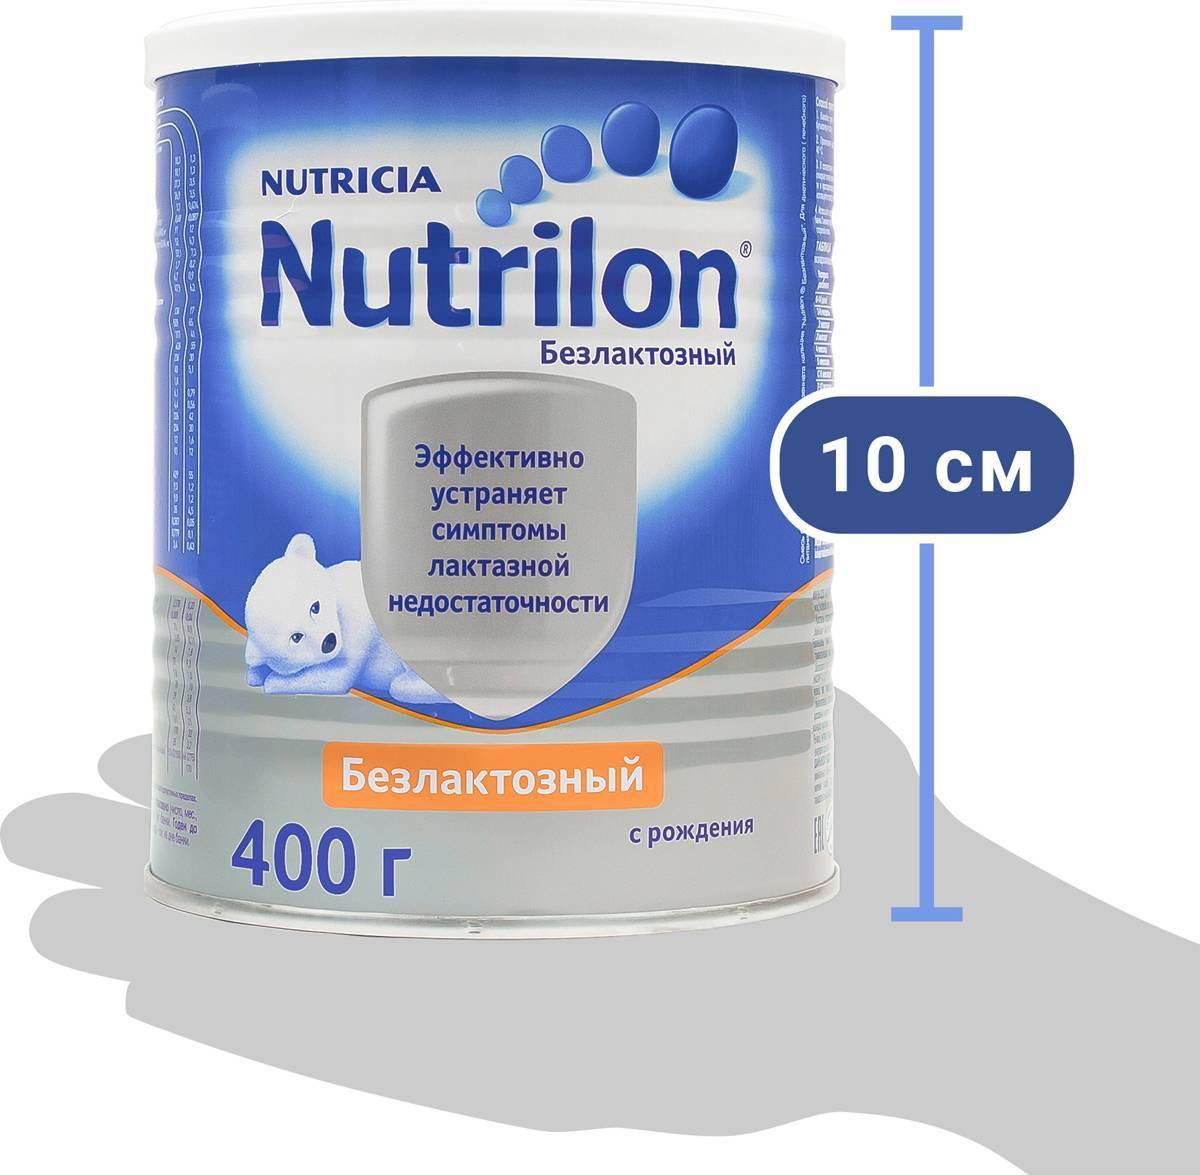 Безлактозные смеси для новорожденных: рейтинг лучших, список топовых марок продуктов питания, в том числе для детей от 1 года, особенности расчета дозировок